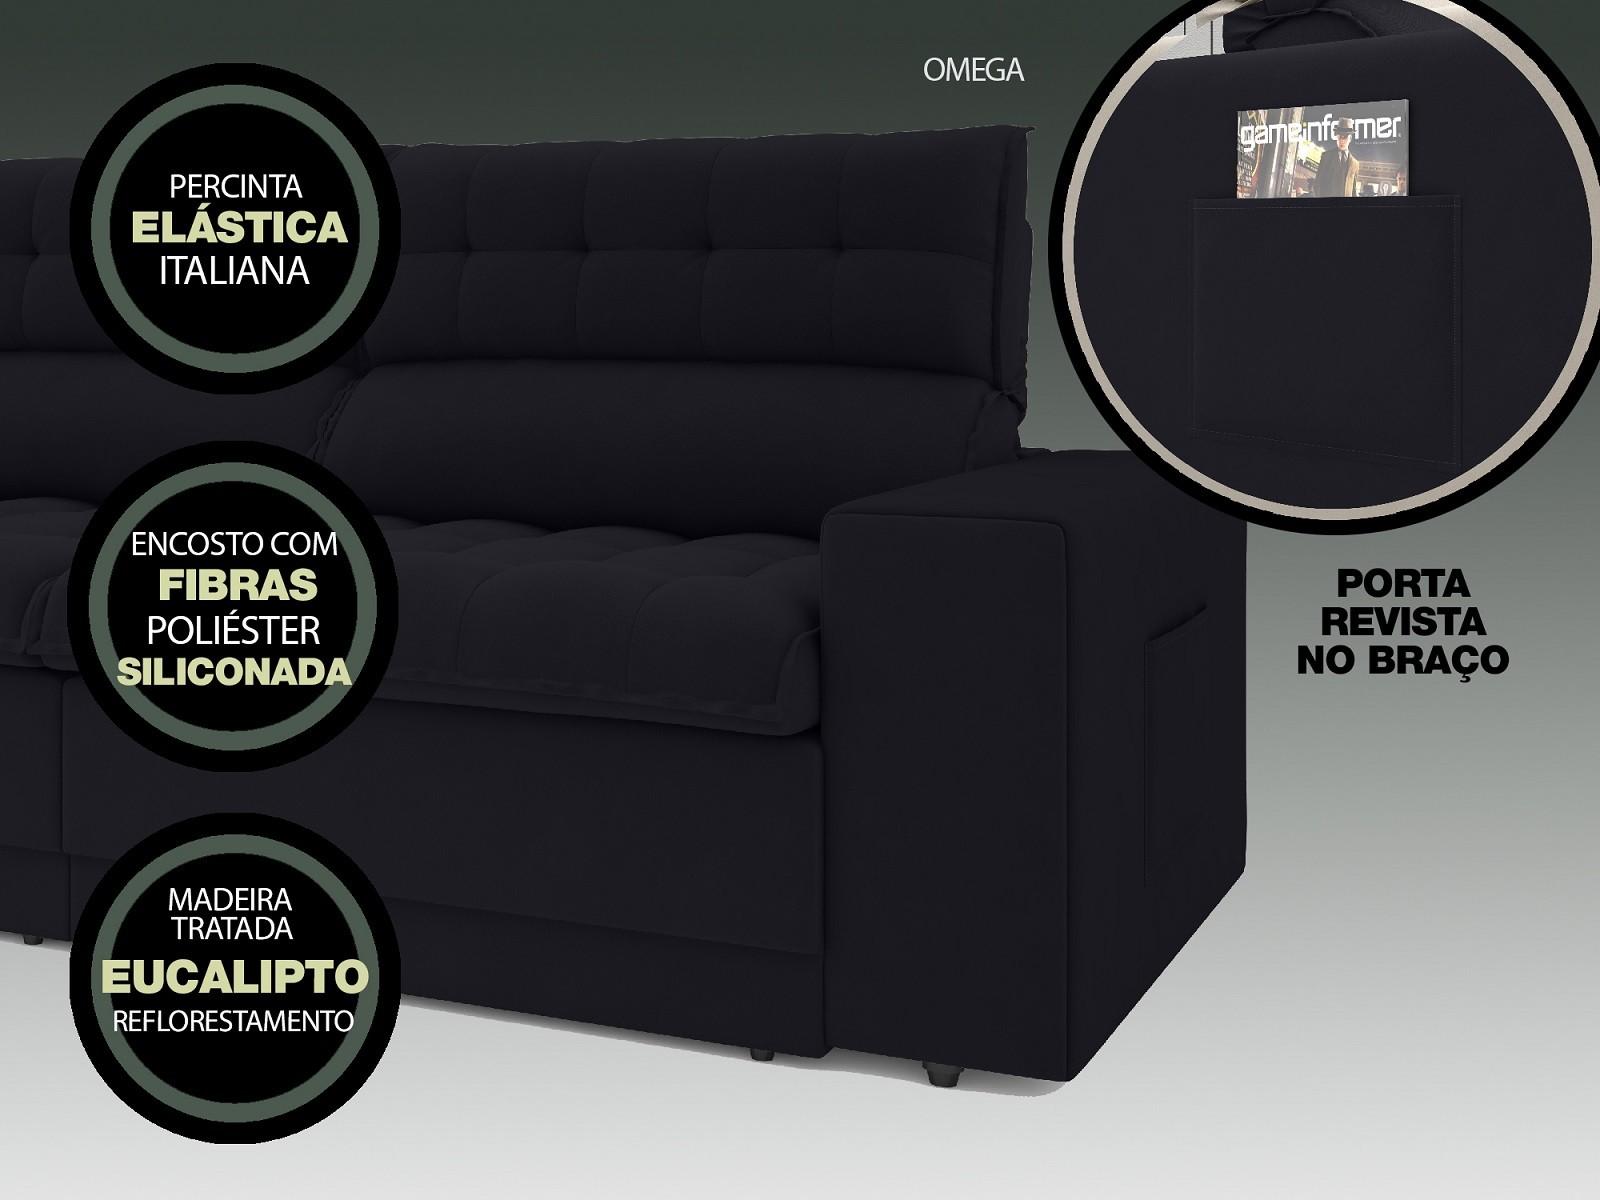 Sofá Omega 2,50m Assento Retrátil e Reclinável Velosuede Preto - NETSOFAS  - NETSOFÁS